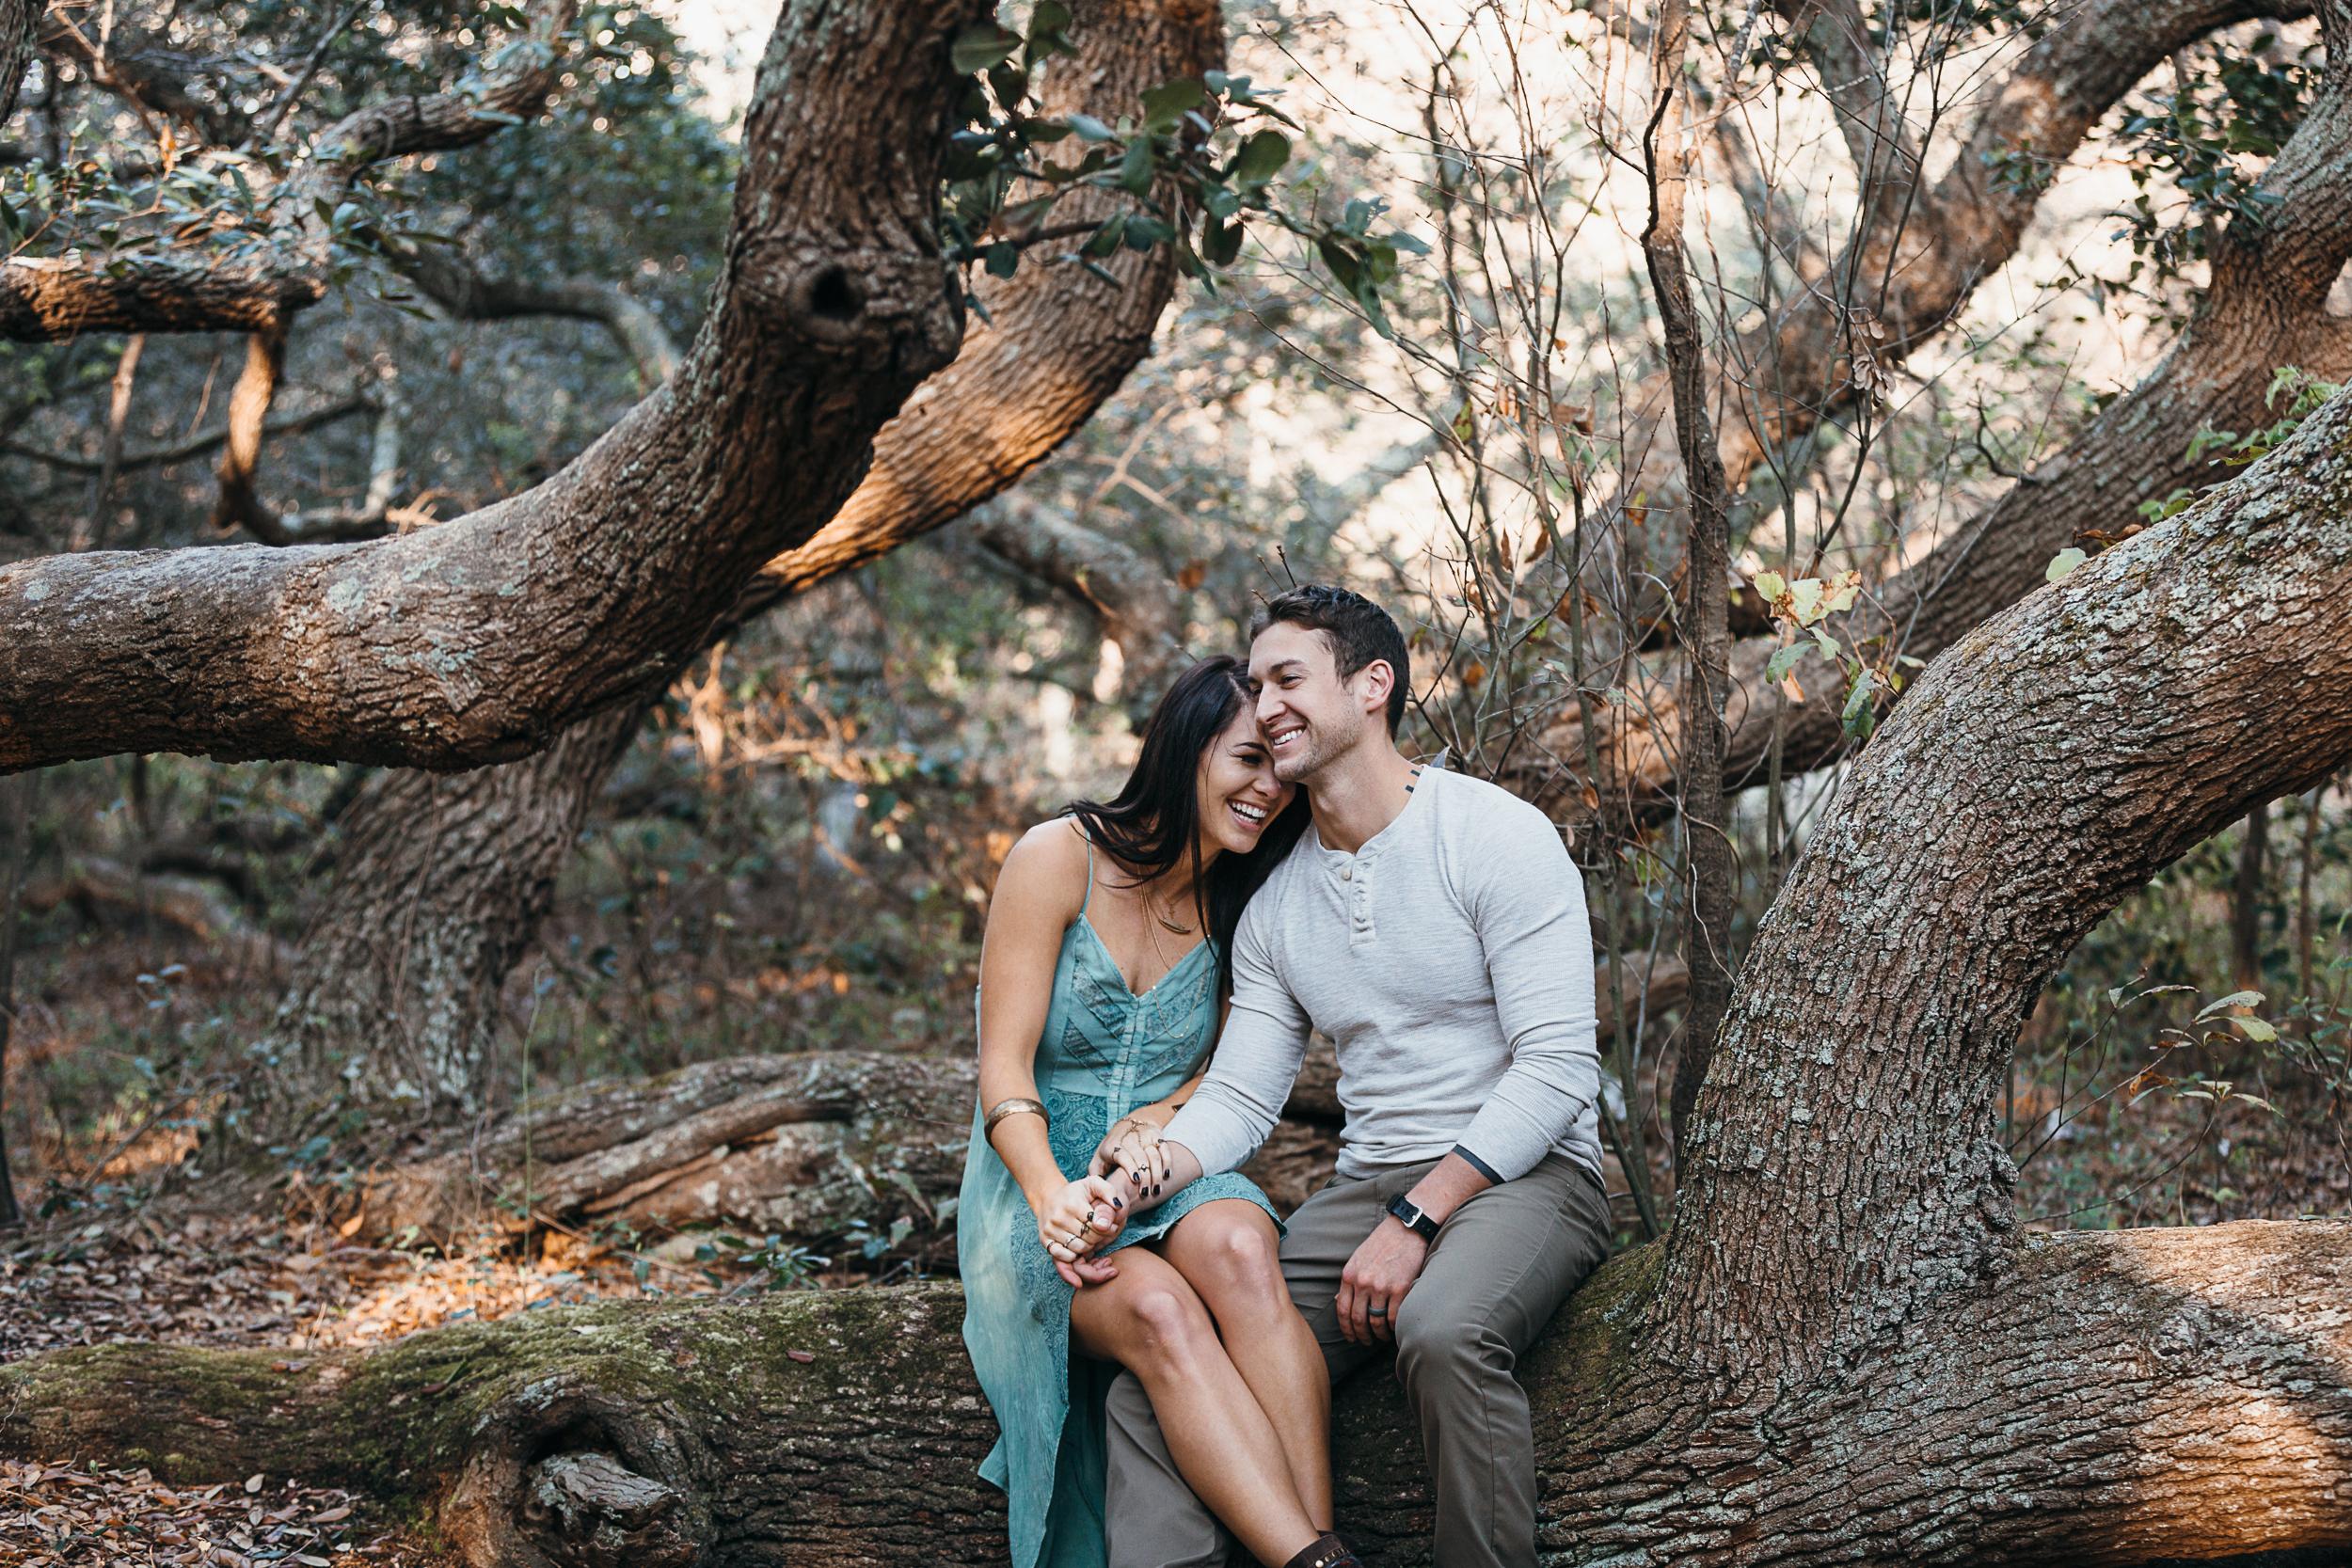 VirginiaBeachStyledPhotoshoot11.jpg